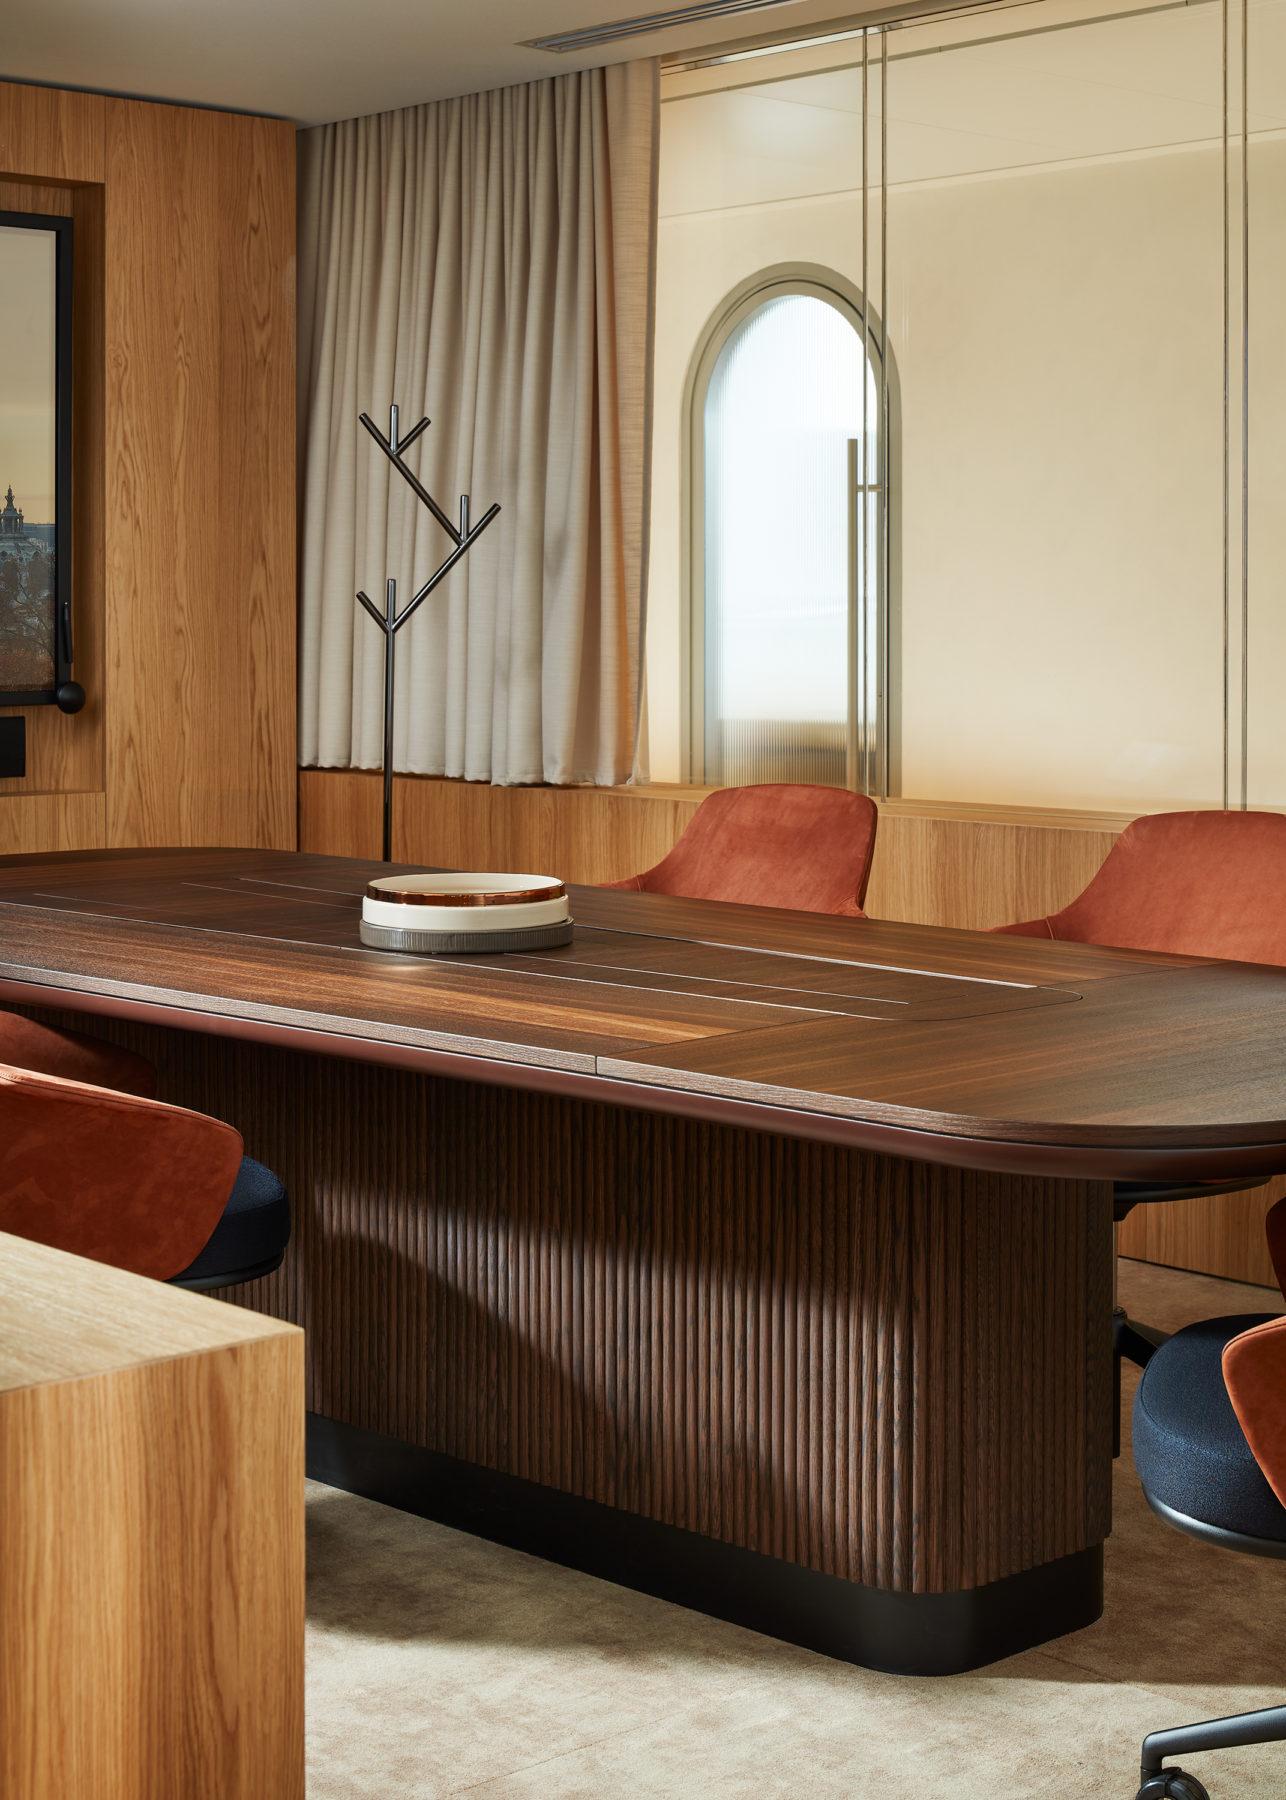 """Salle de réunion - Fauteuil / chaise """"Linus"""", porte-manteau métal """"Perch"""" édité par La Manufacture et design par Nendo, écran encastré"""